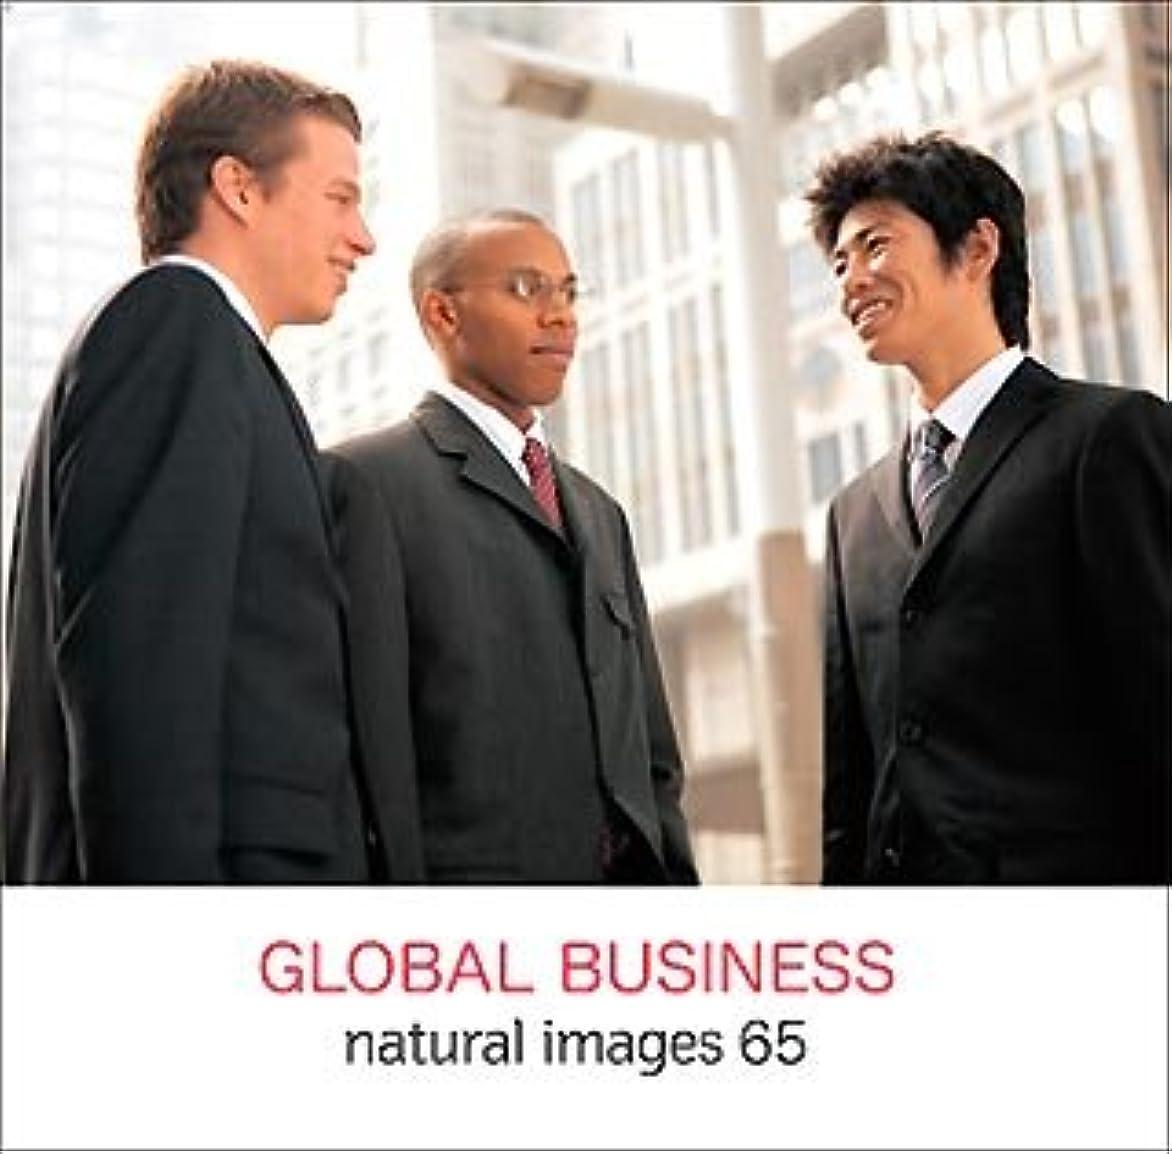 ゲージメッセンジャー破壊的natural images Vol.65 GLOBAL BUSINESS